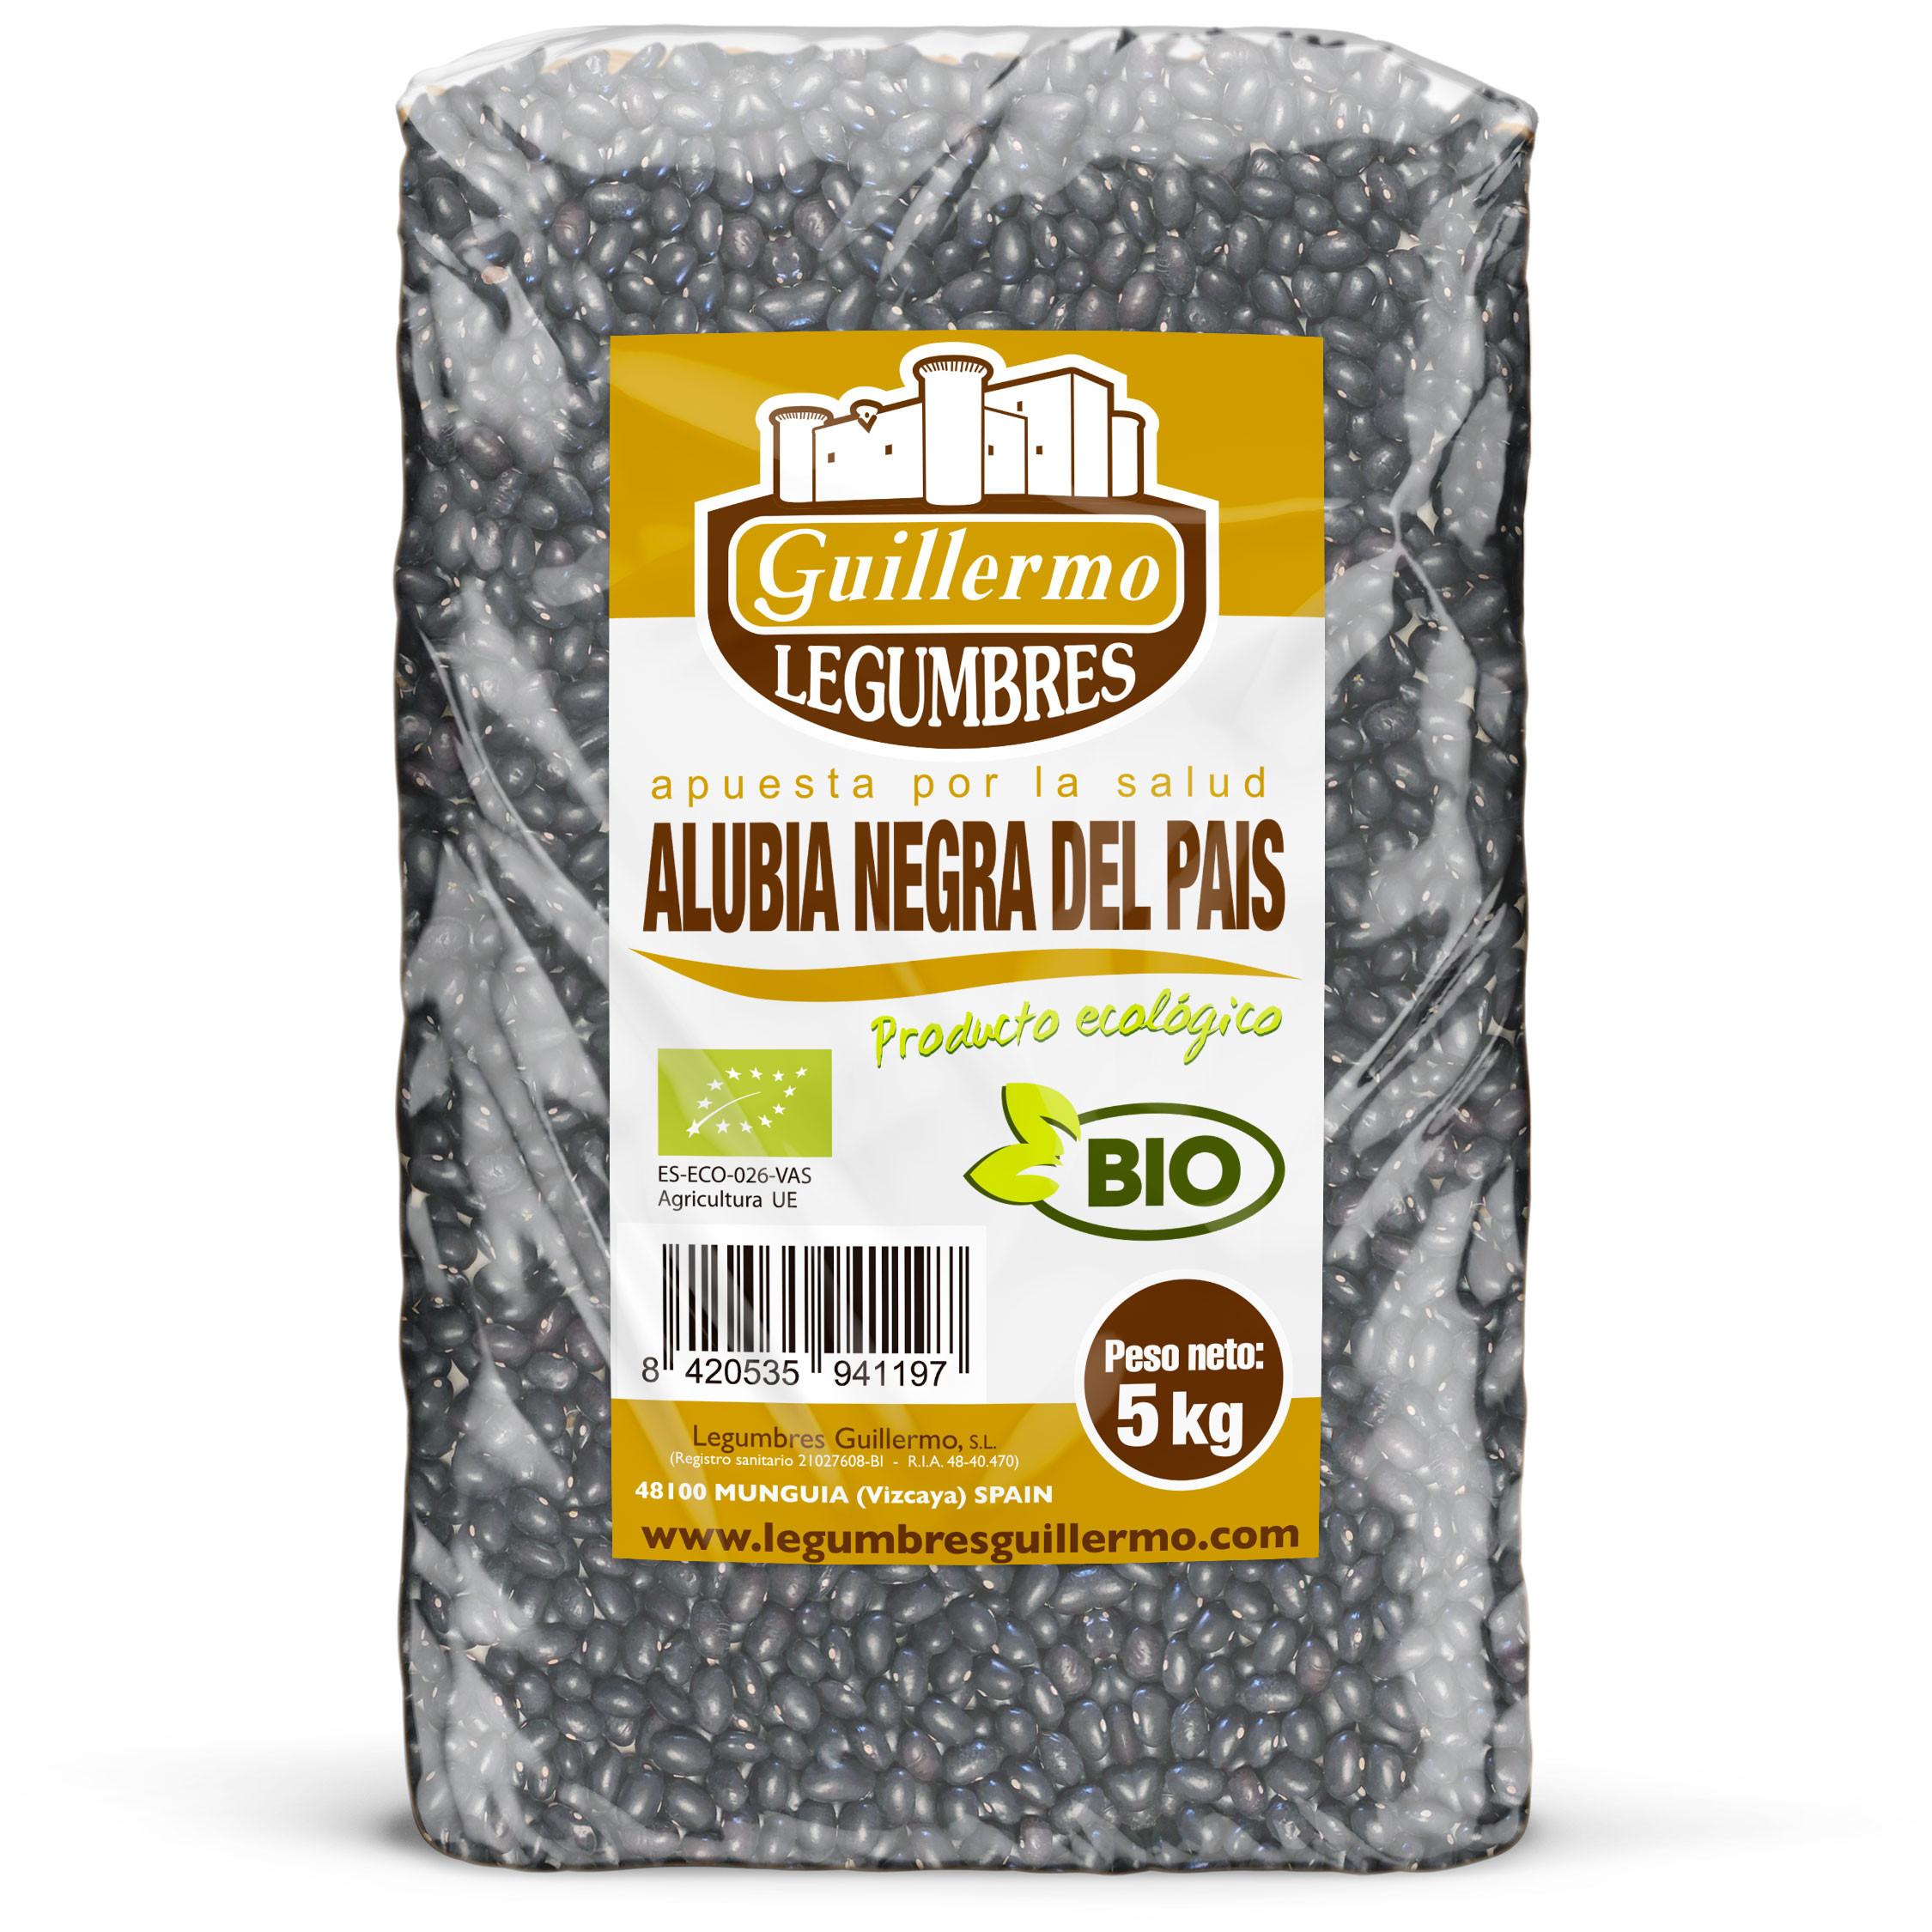 Guillermo Horeca Alubia Negra Pais Vasco Judía Ecológica BIO Granel Calidad Extra 5kg